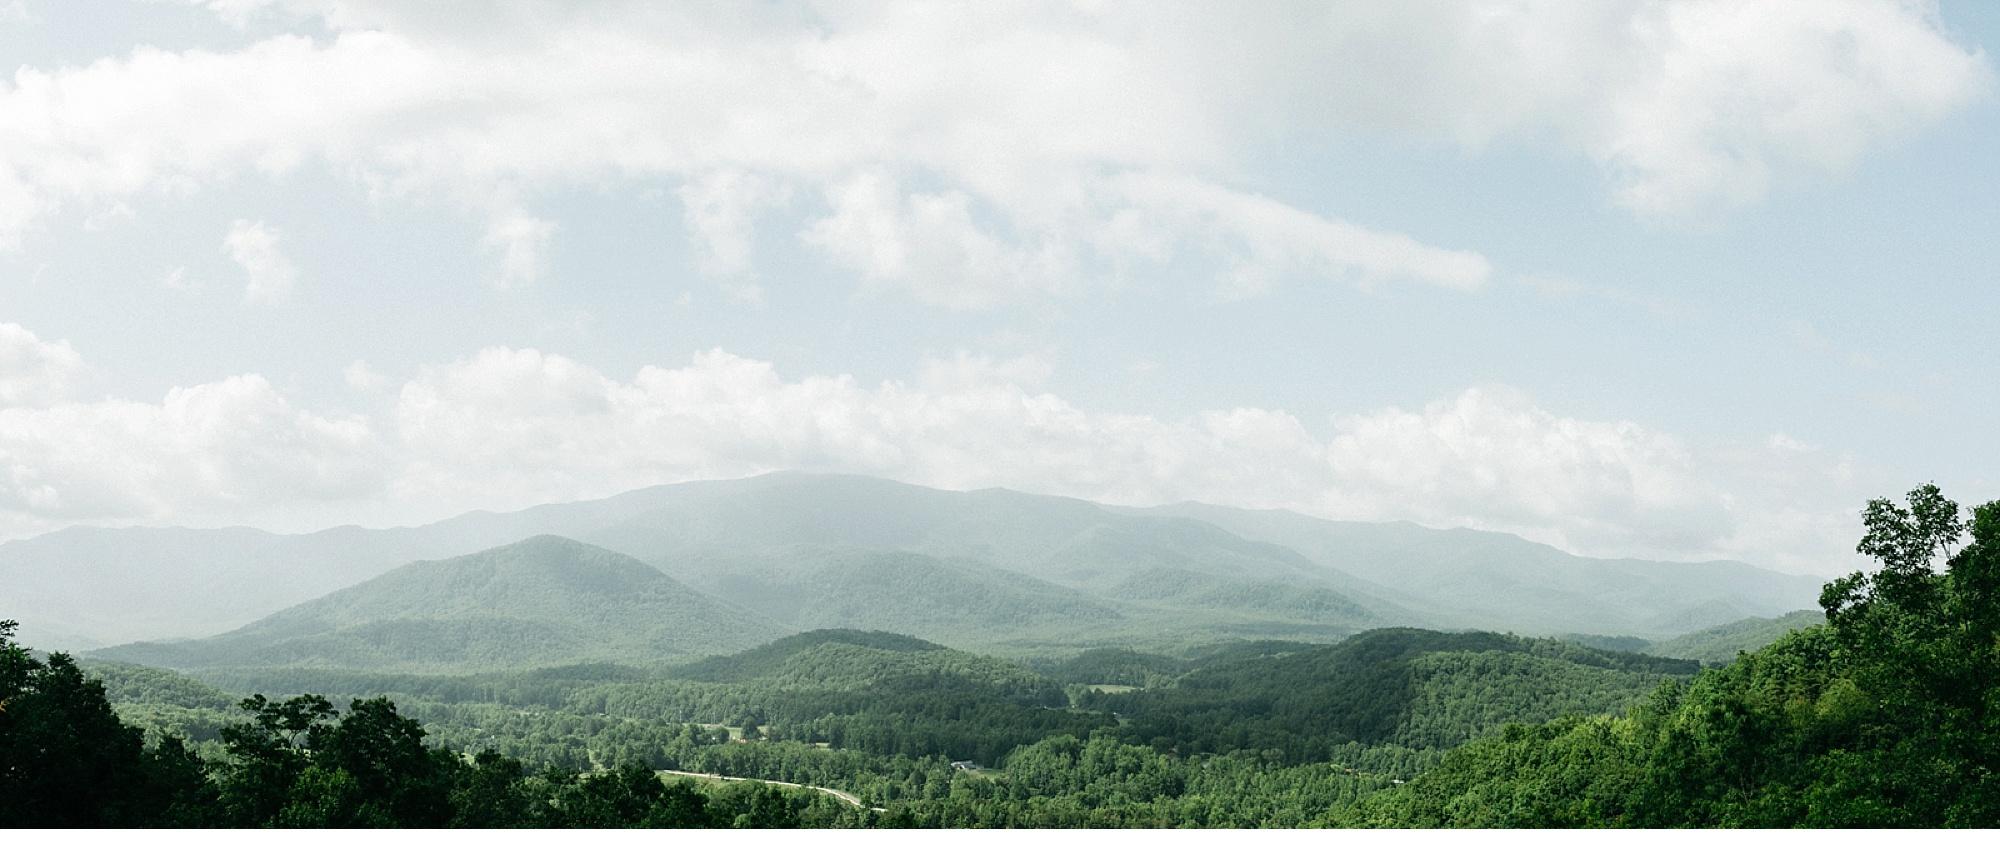 2015-07-16_0011.jpg